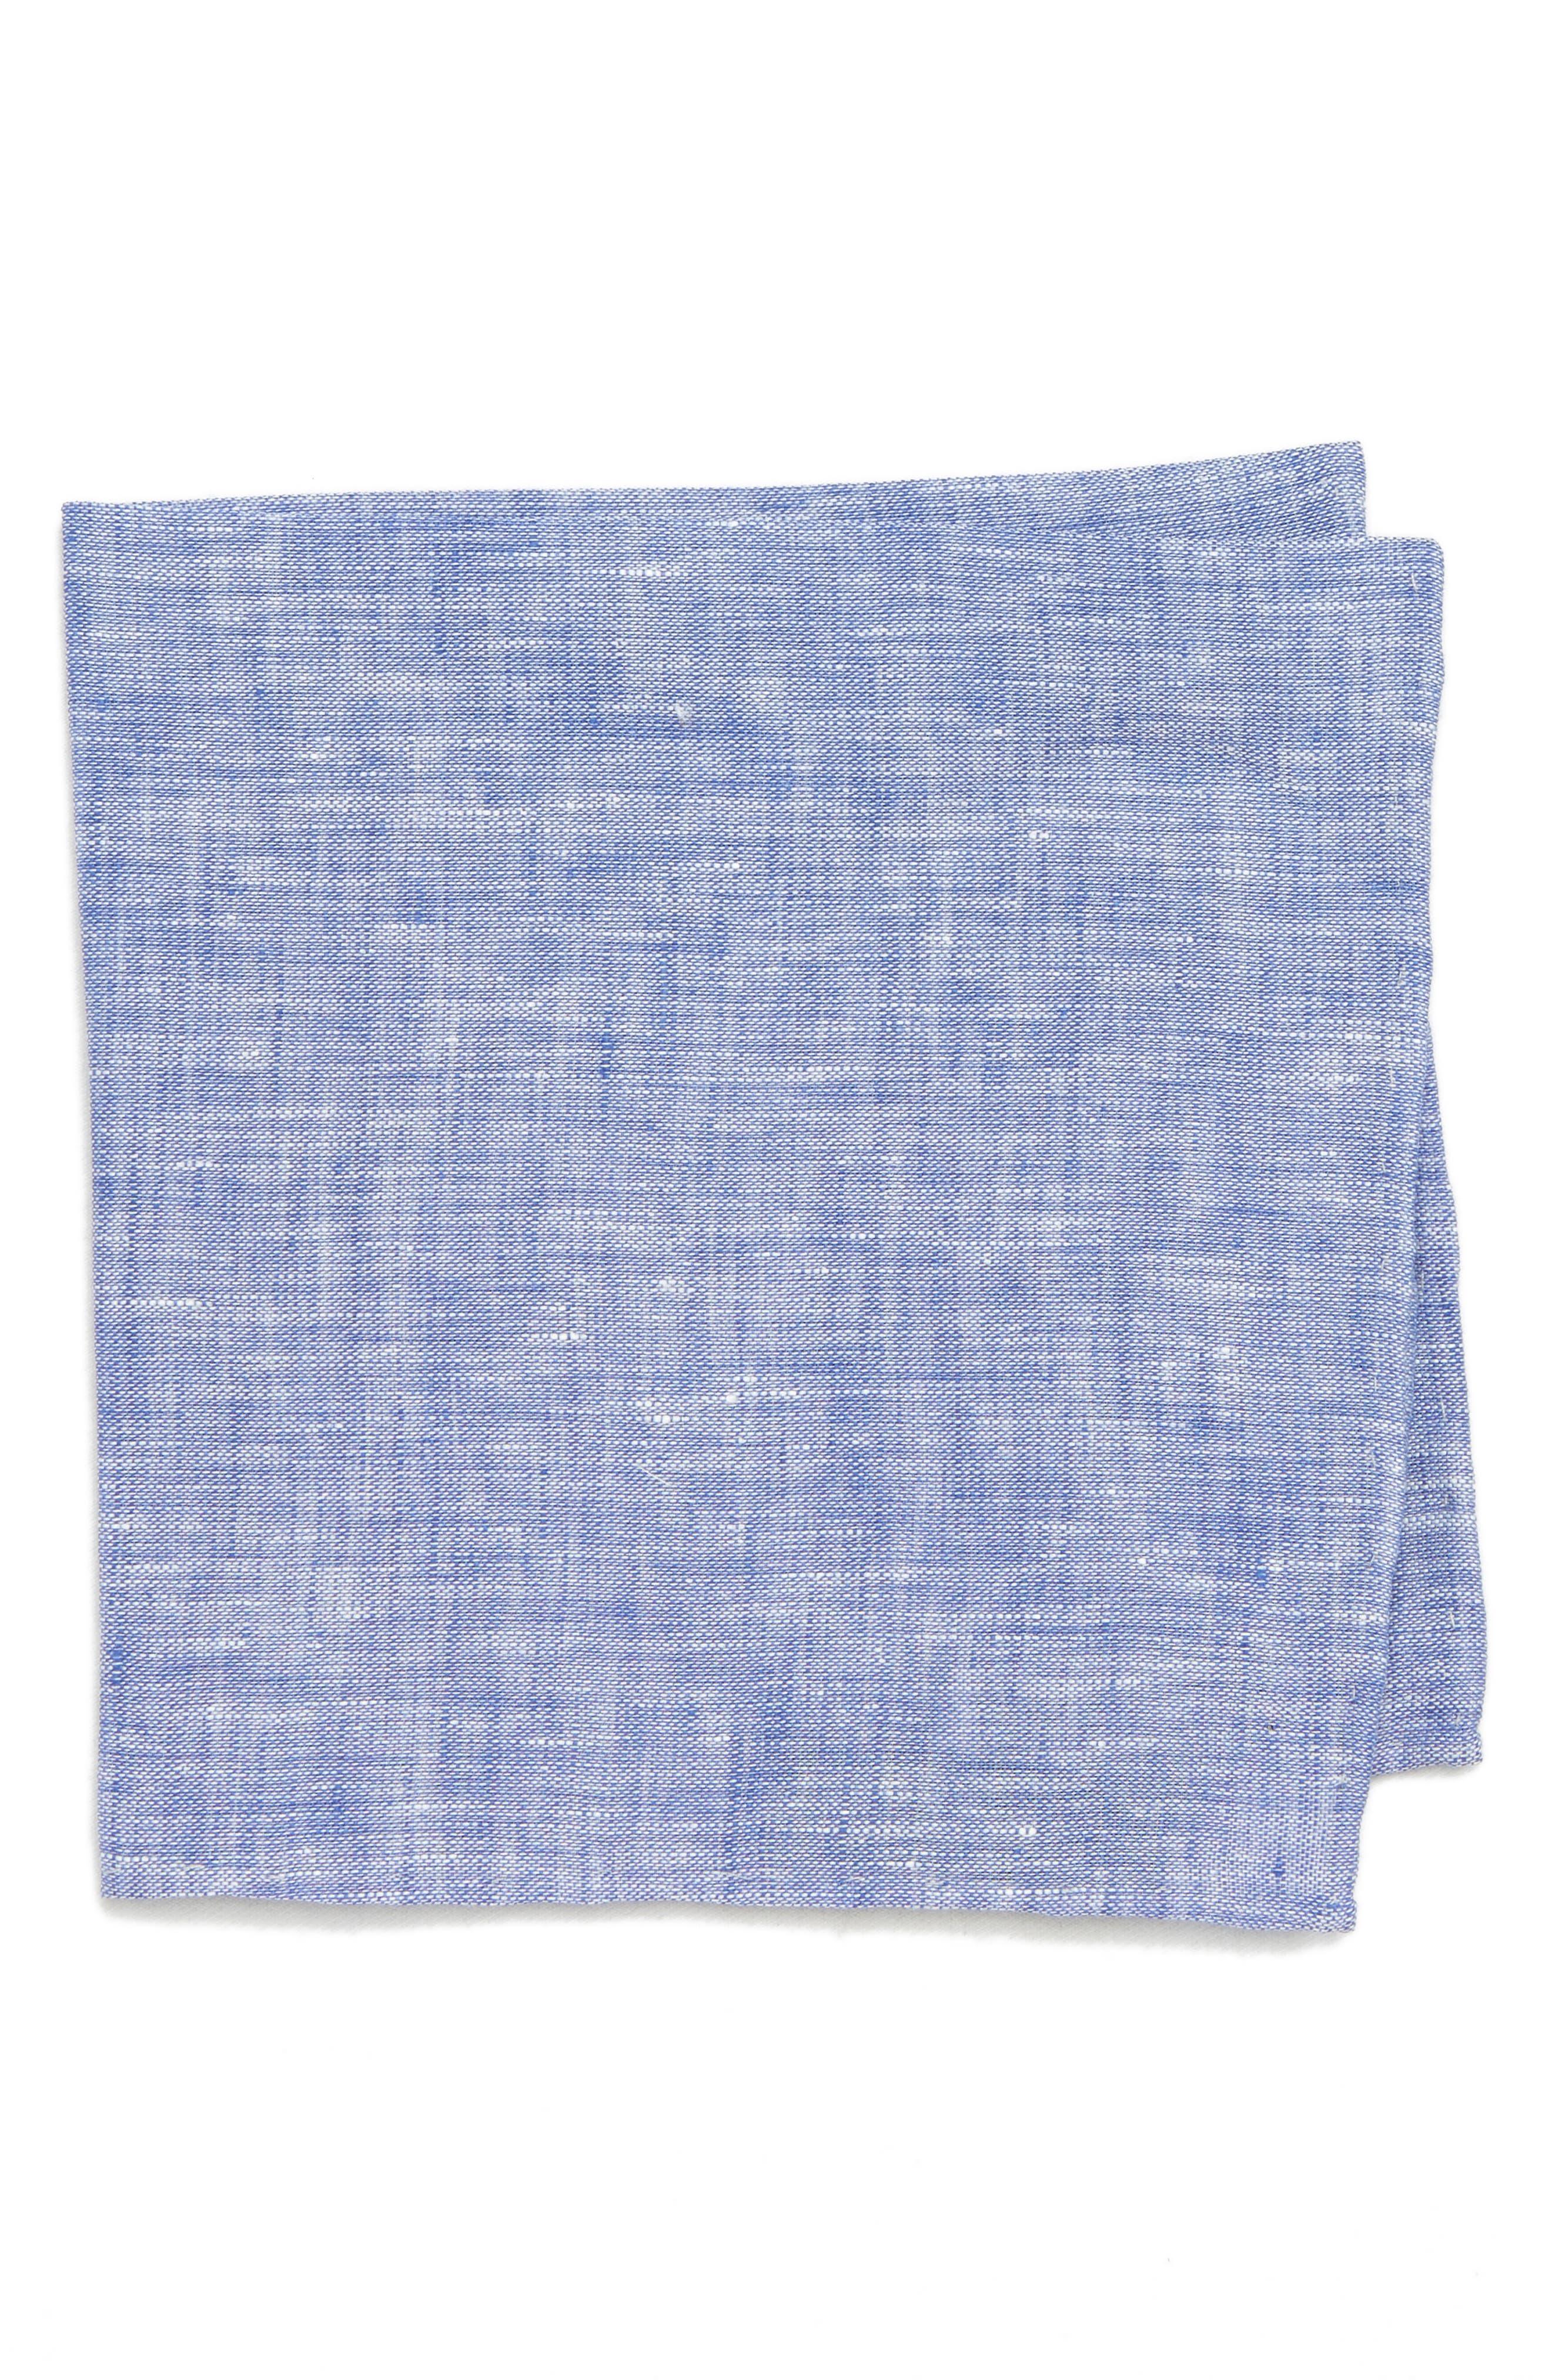 South End Linen Pocket Square,                         Main,                         color, Blue